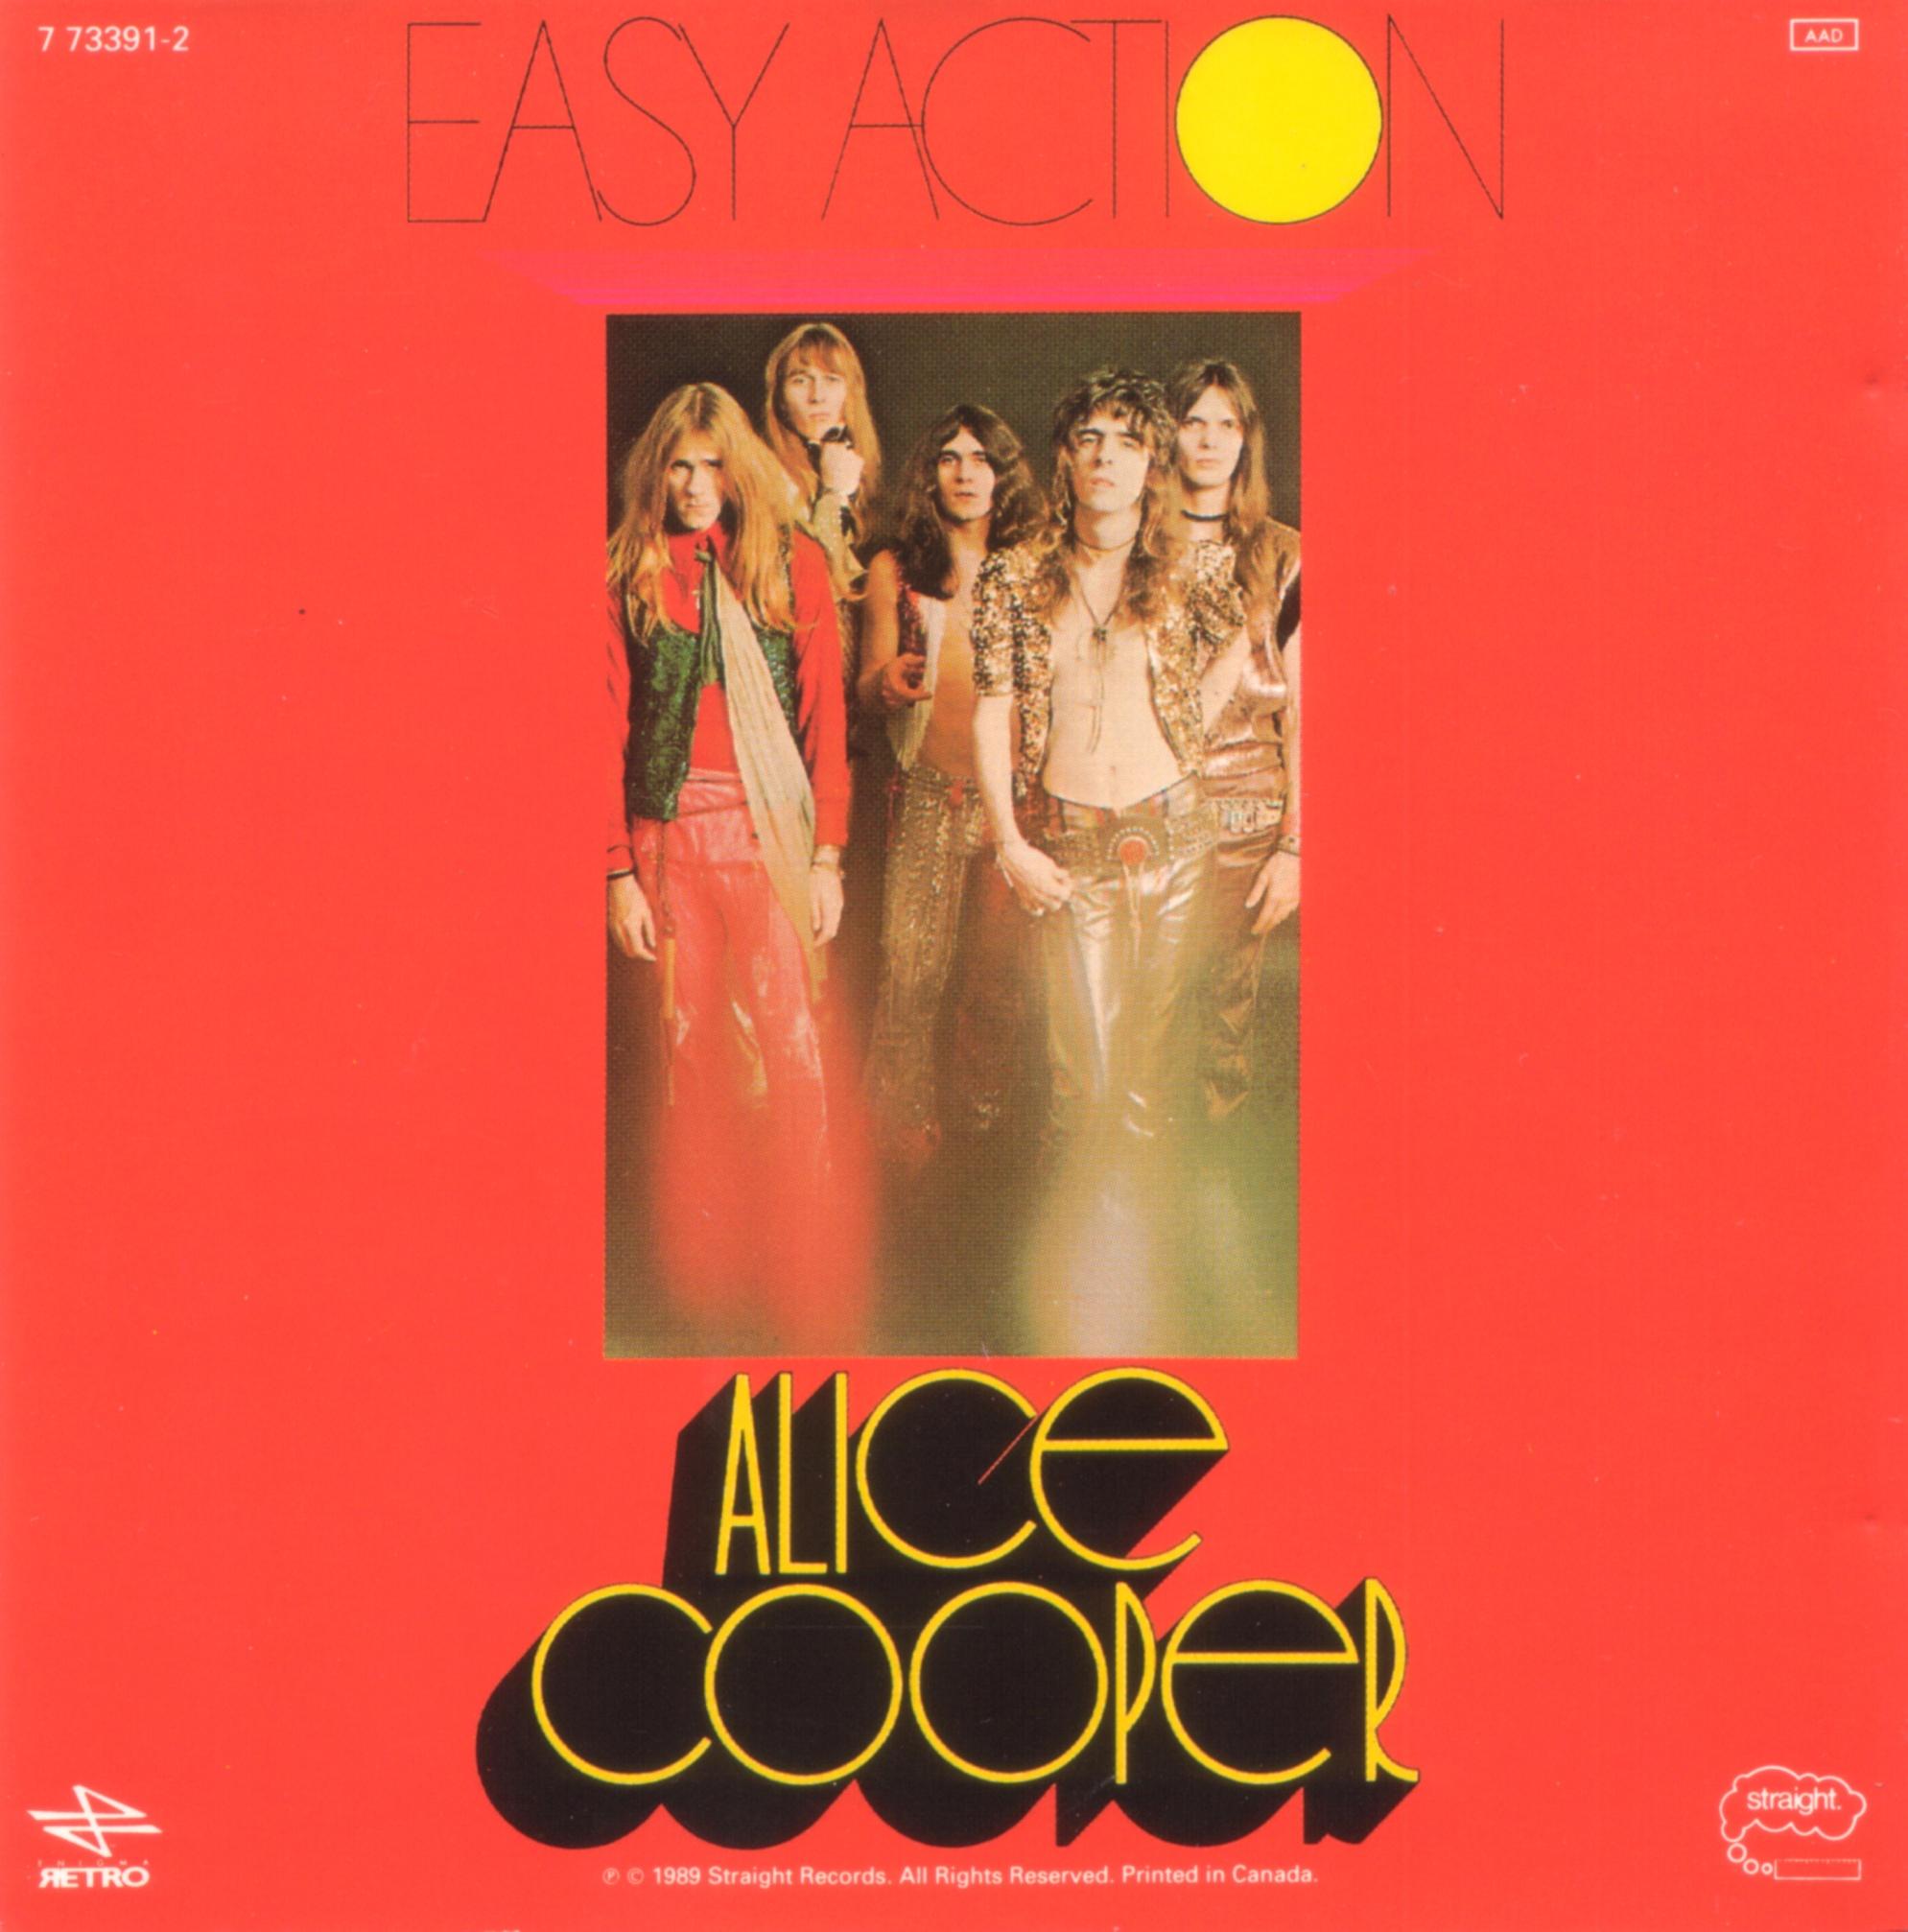 Alice Cooper DaDa